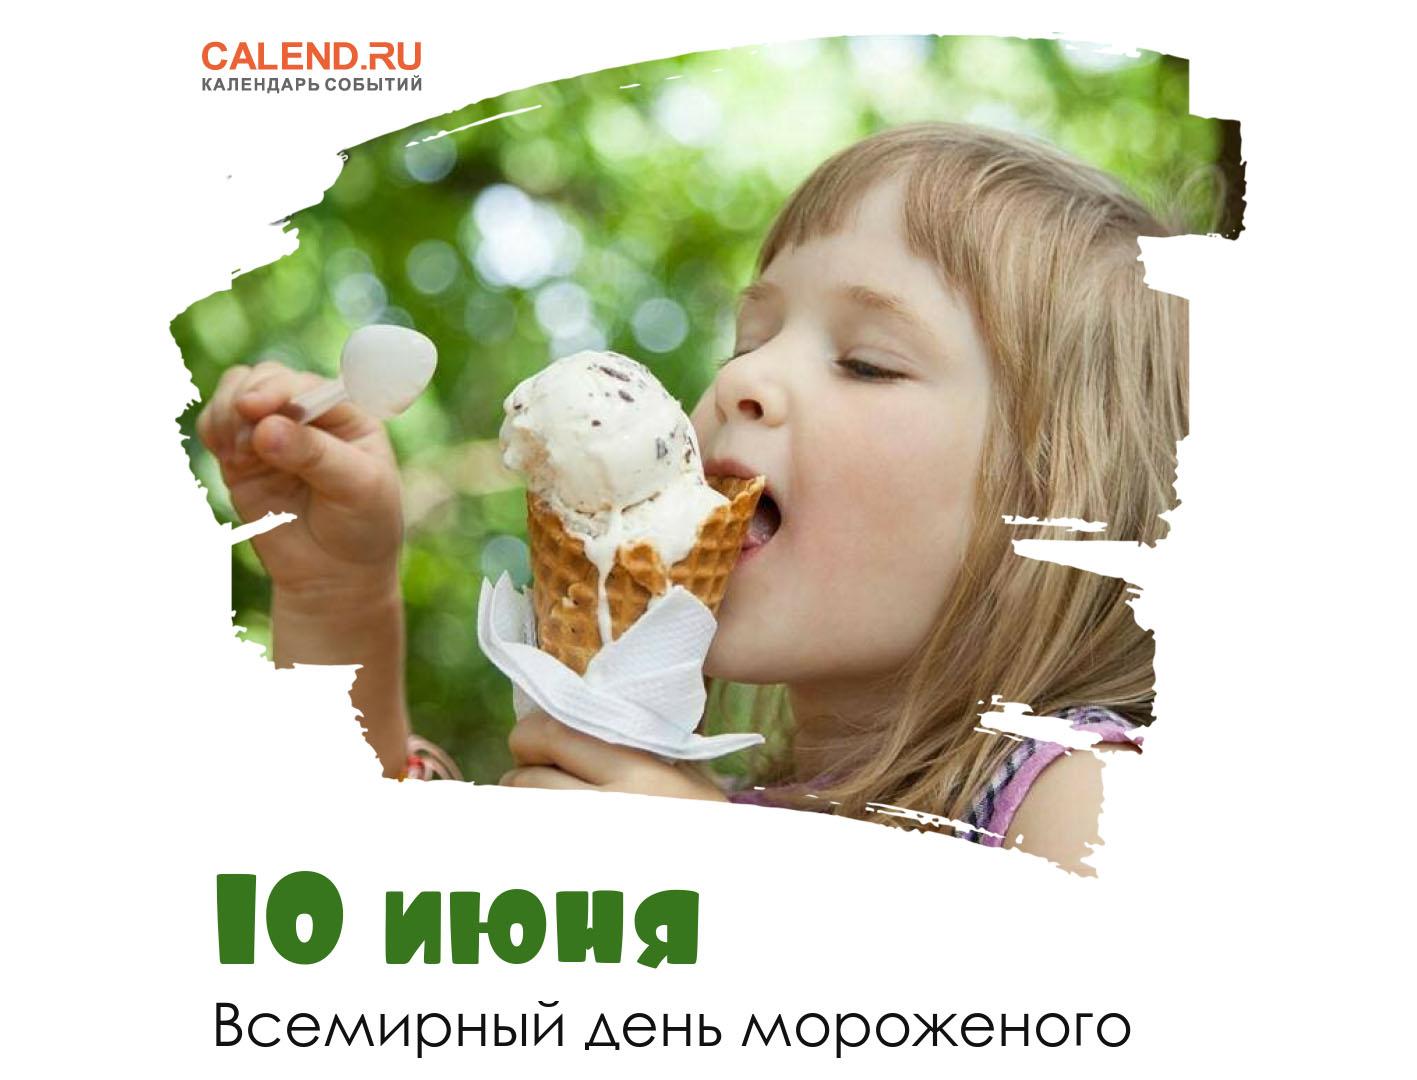 День мороженого в ГУМе 2021: дата проведения, программа ...